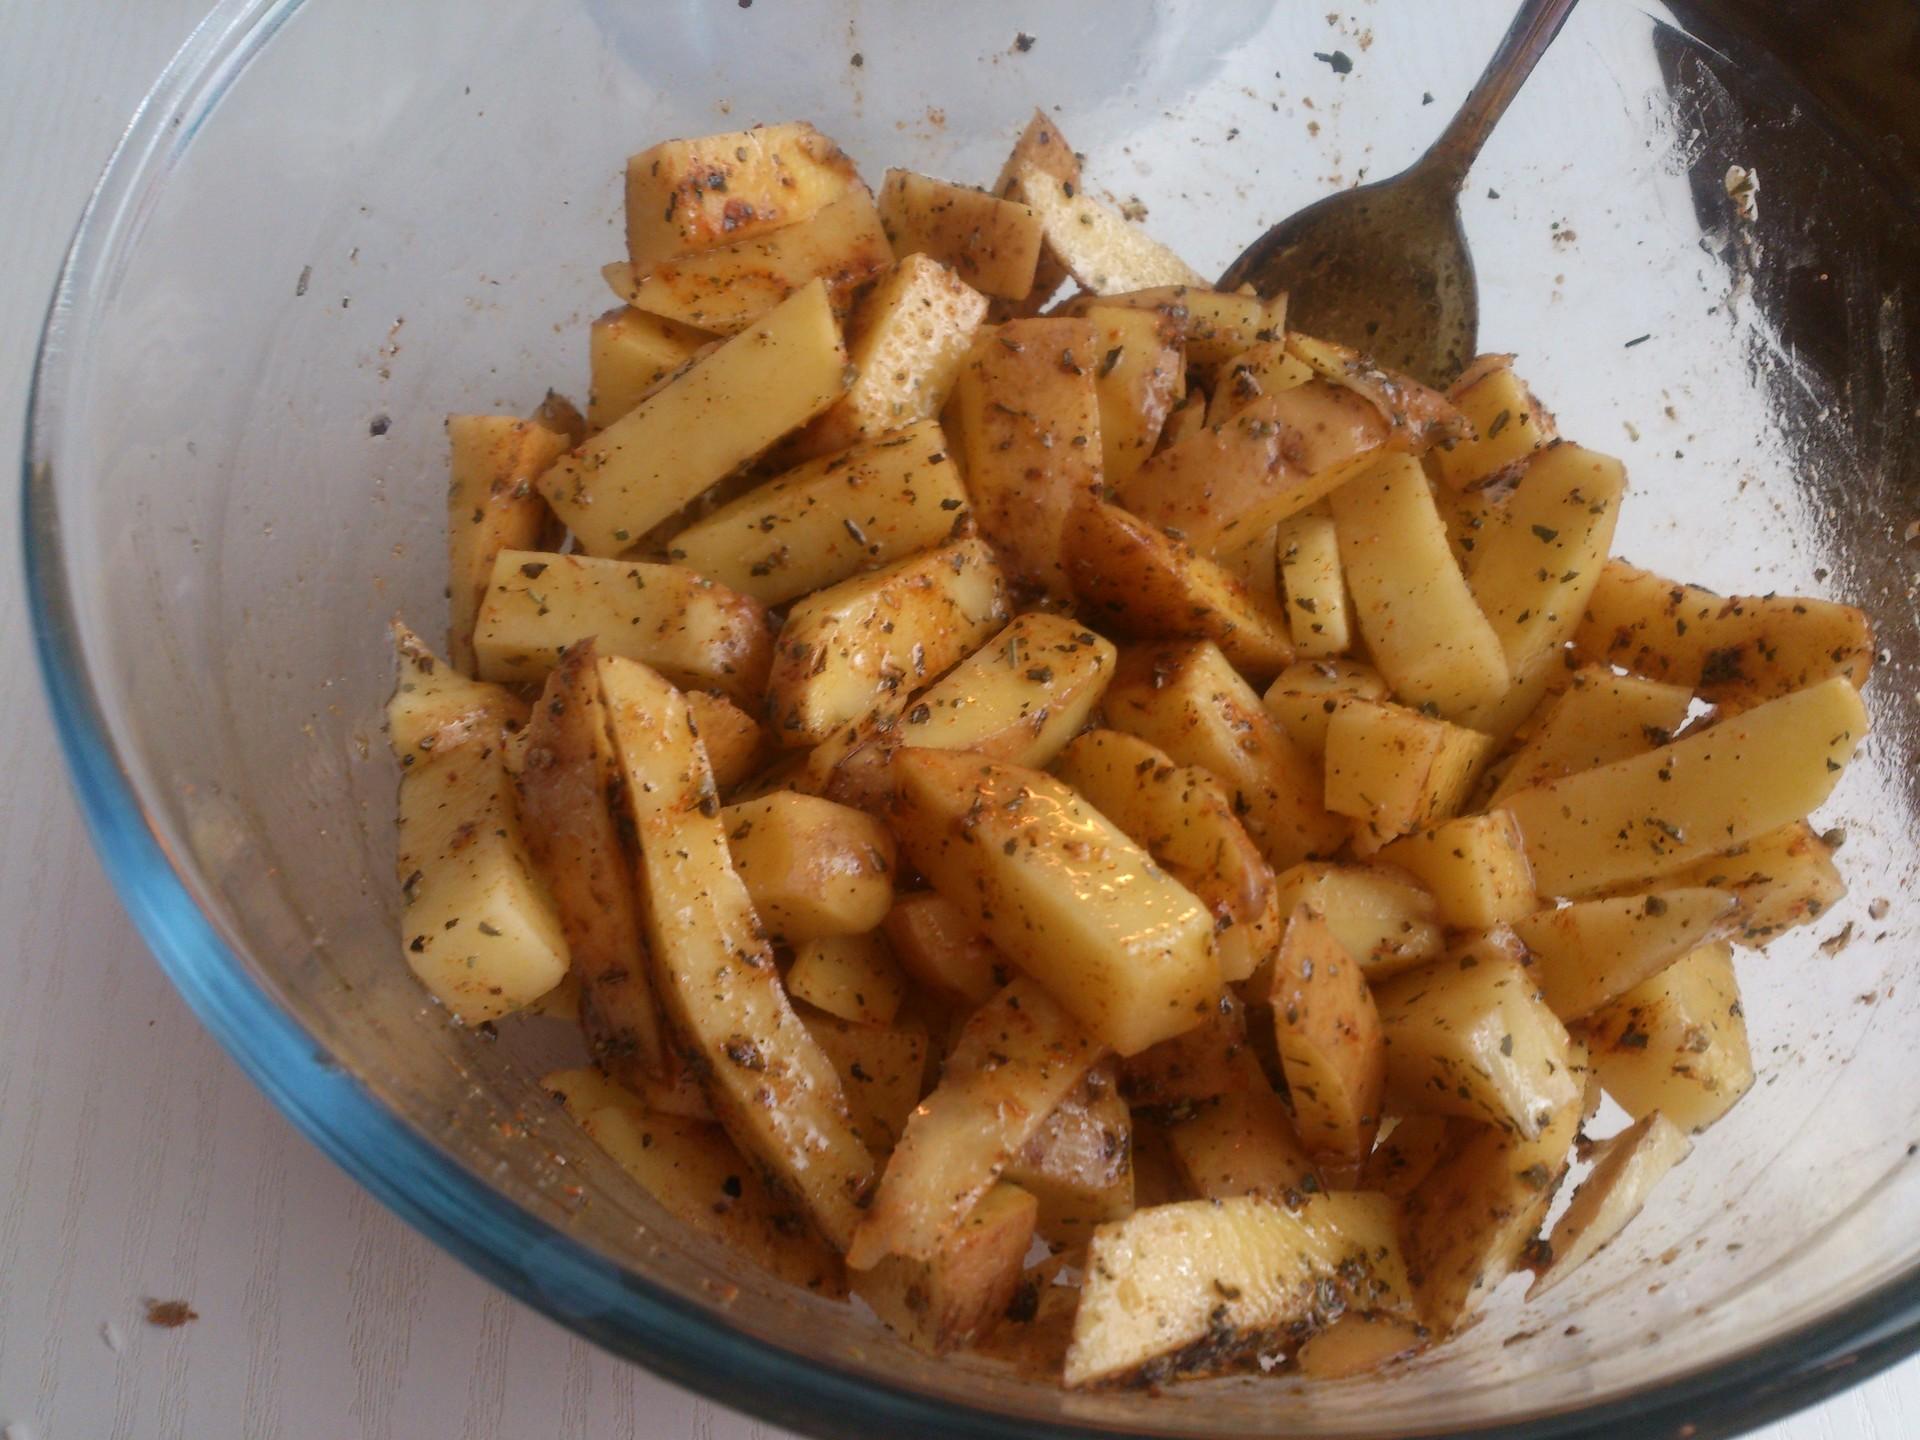 Batatas fritas em forno de halogéneo